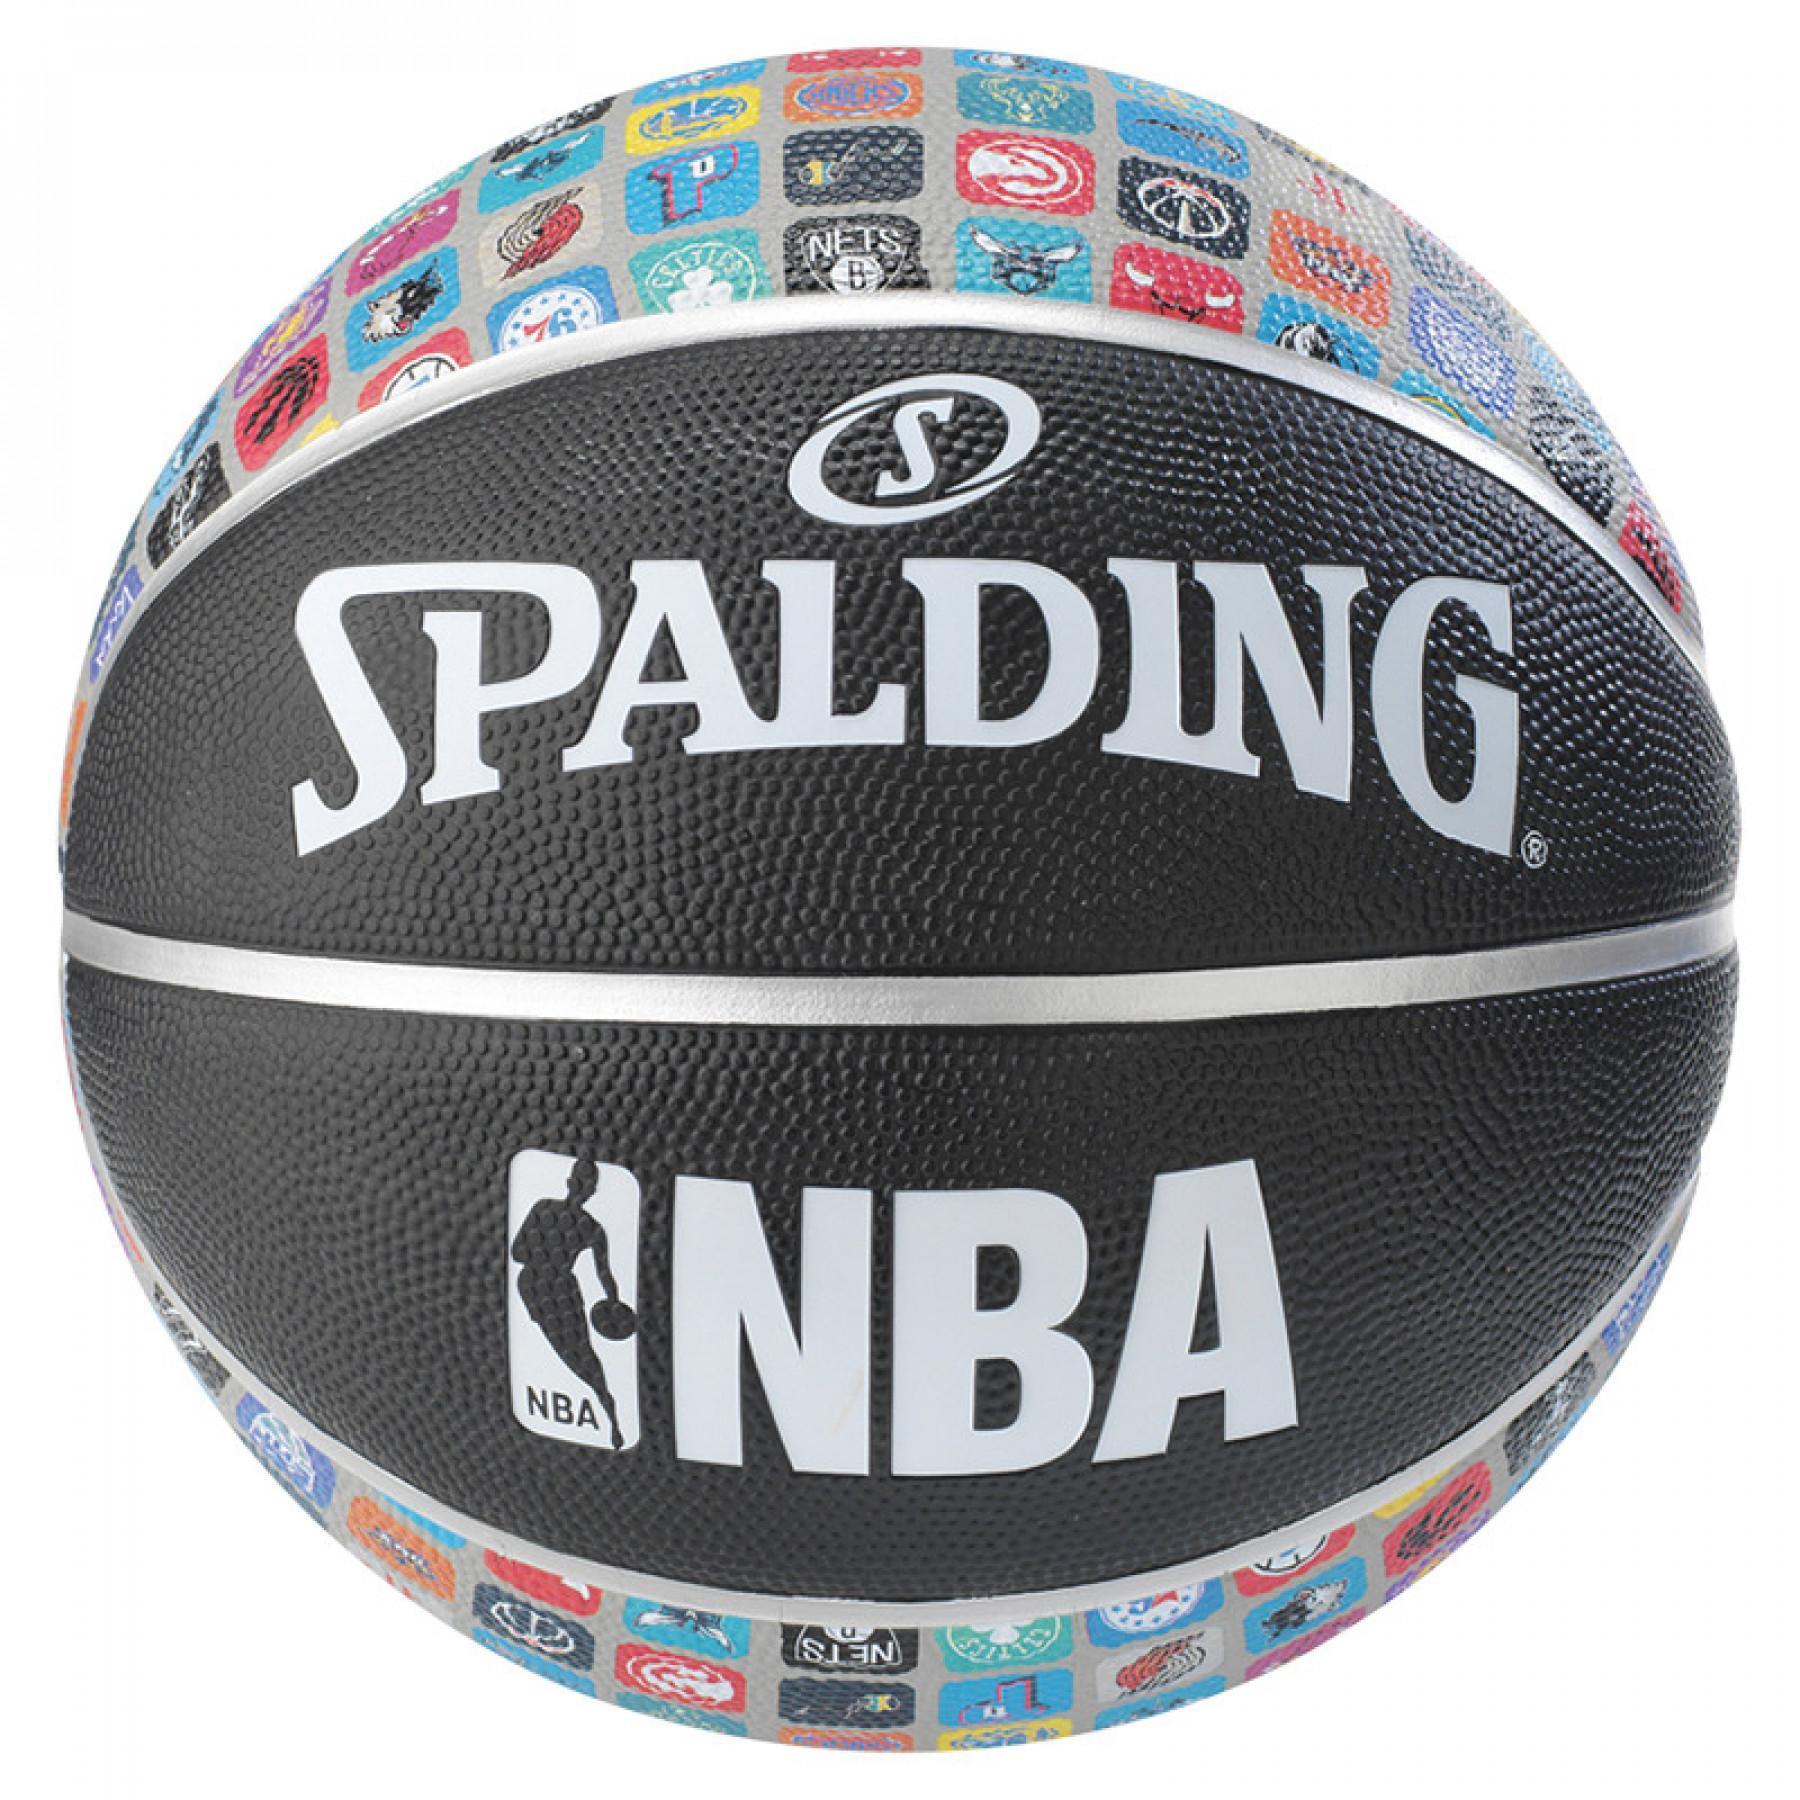 NBA Team Collection Spalding Ball (83-649z)